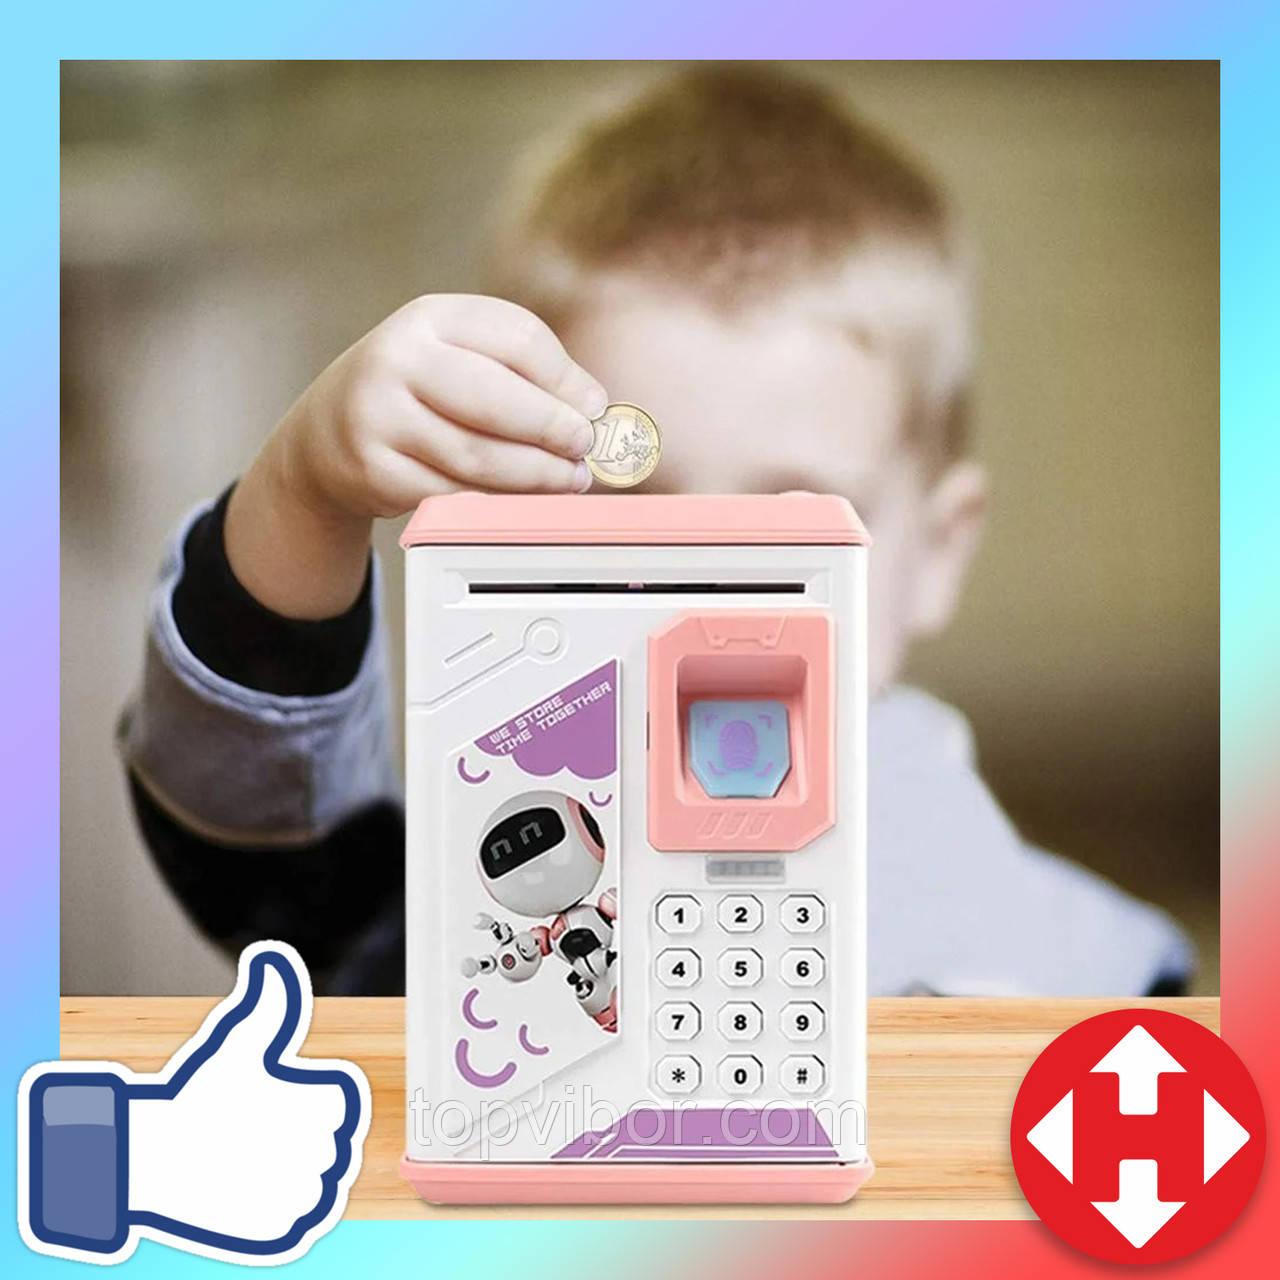 Игрушечный детский сейф с электронным кодовым замком для детей Fingerprint копилка детская (Розовая)